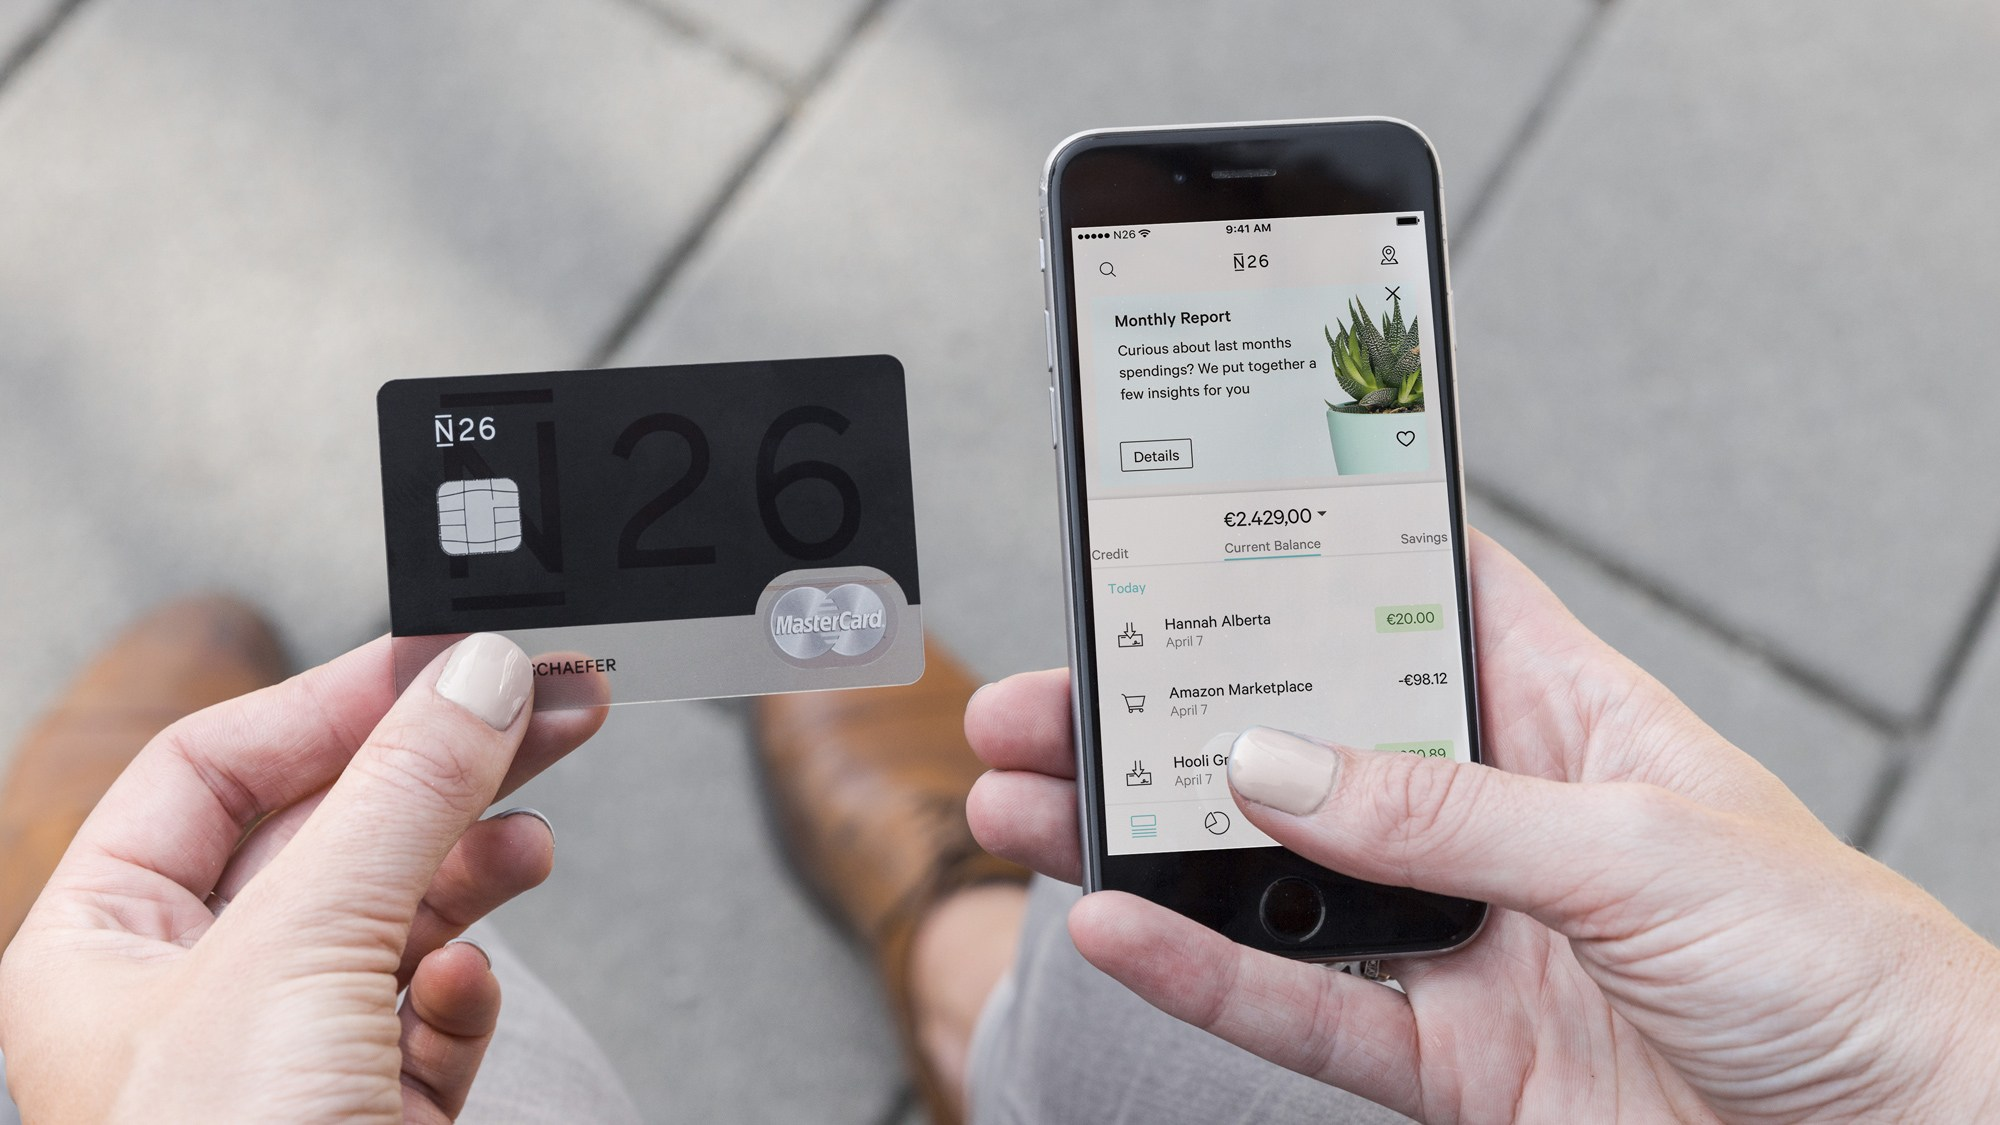 Connaissez-vous les banques mobiles ? Nous en avons testé deux !